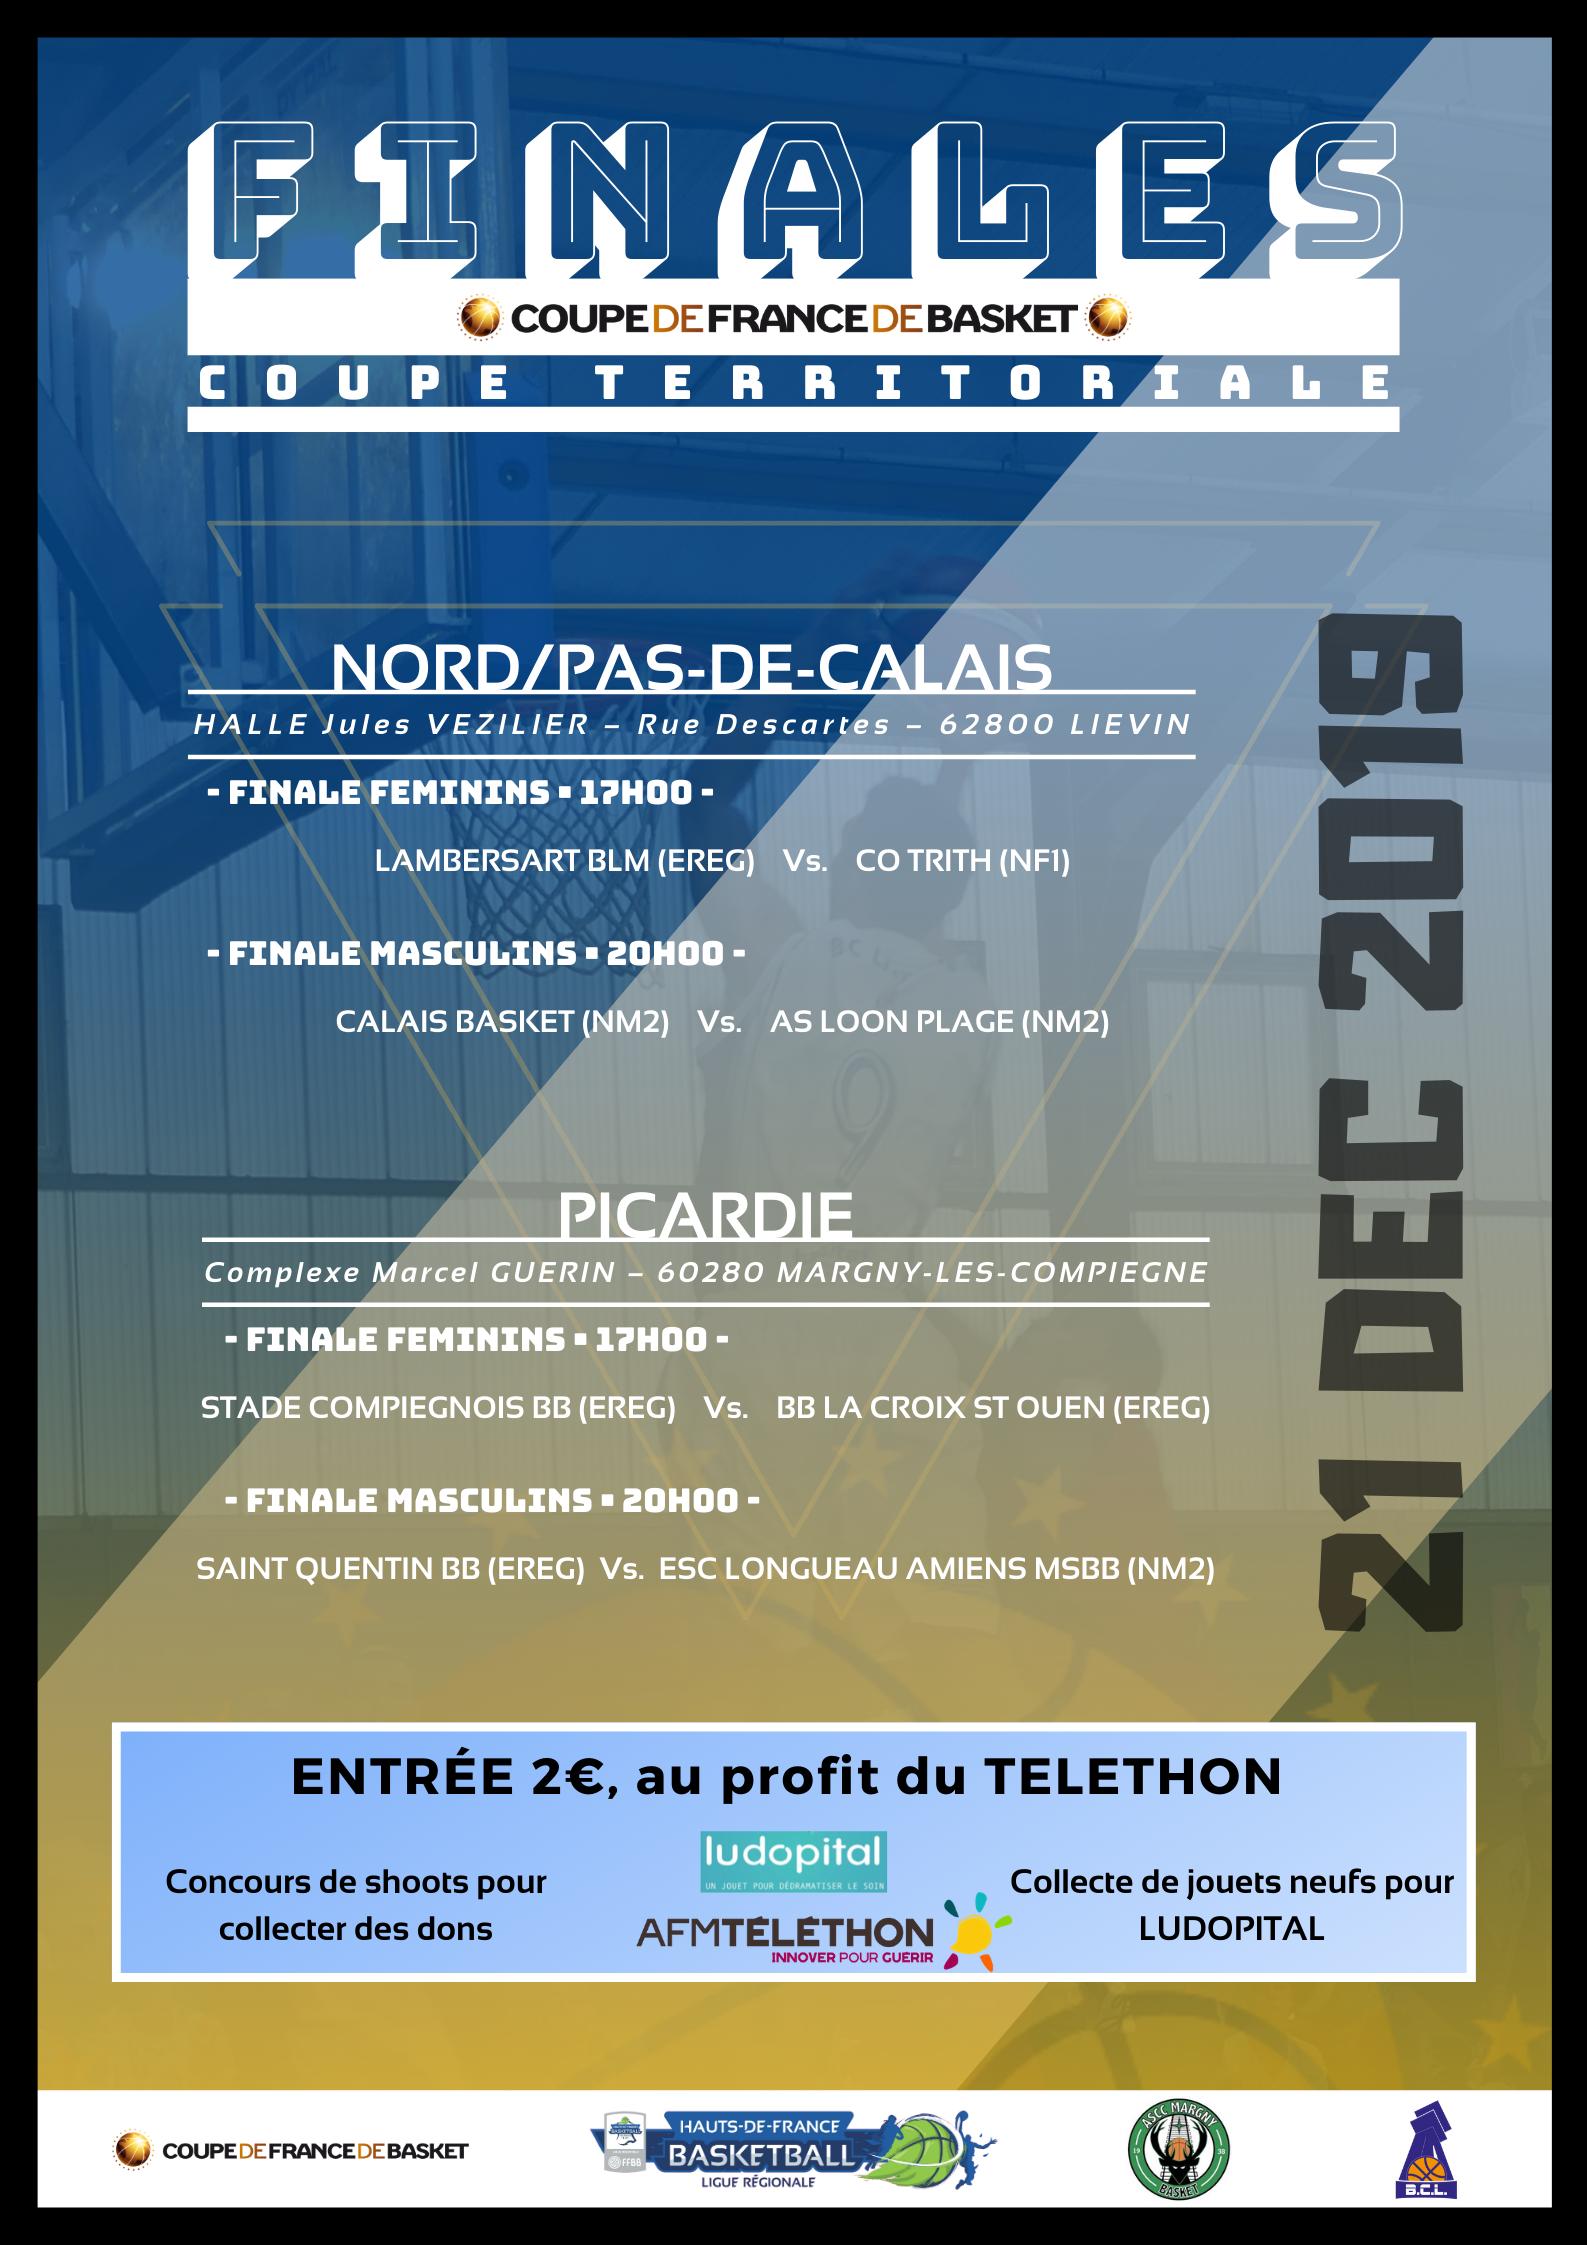 Finales Territoriales • Trophée Coupe de France